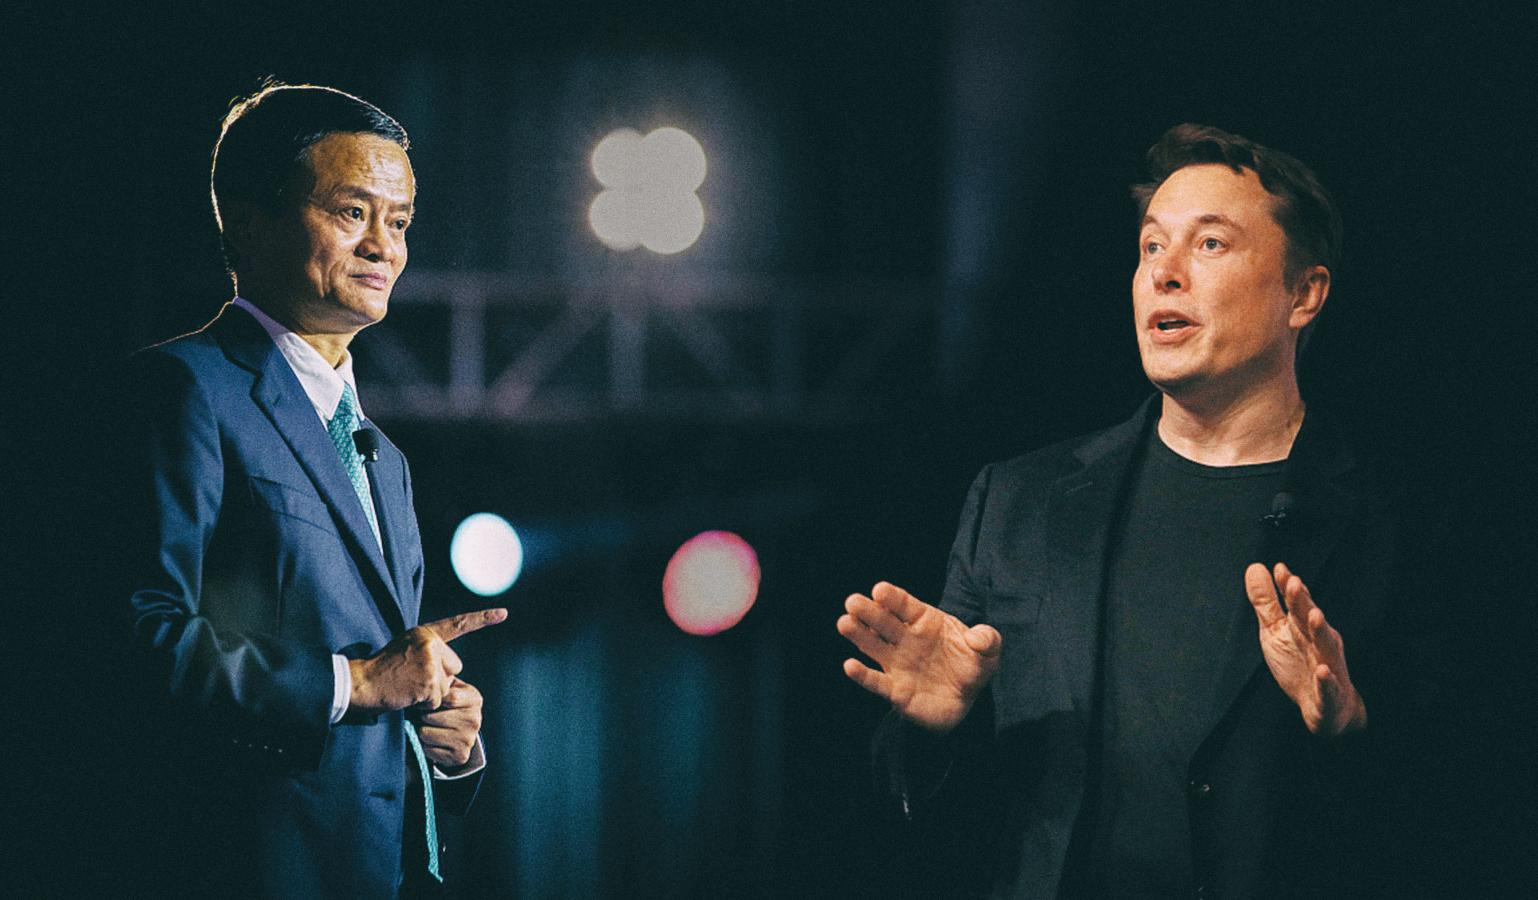 Илон Маск и Джек Ма поспорили о будущем искусственного интеллекта